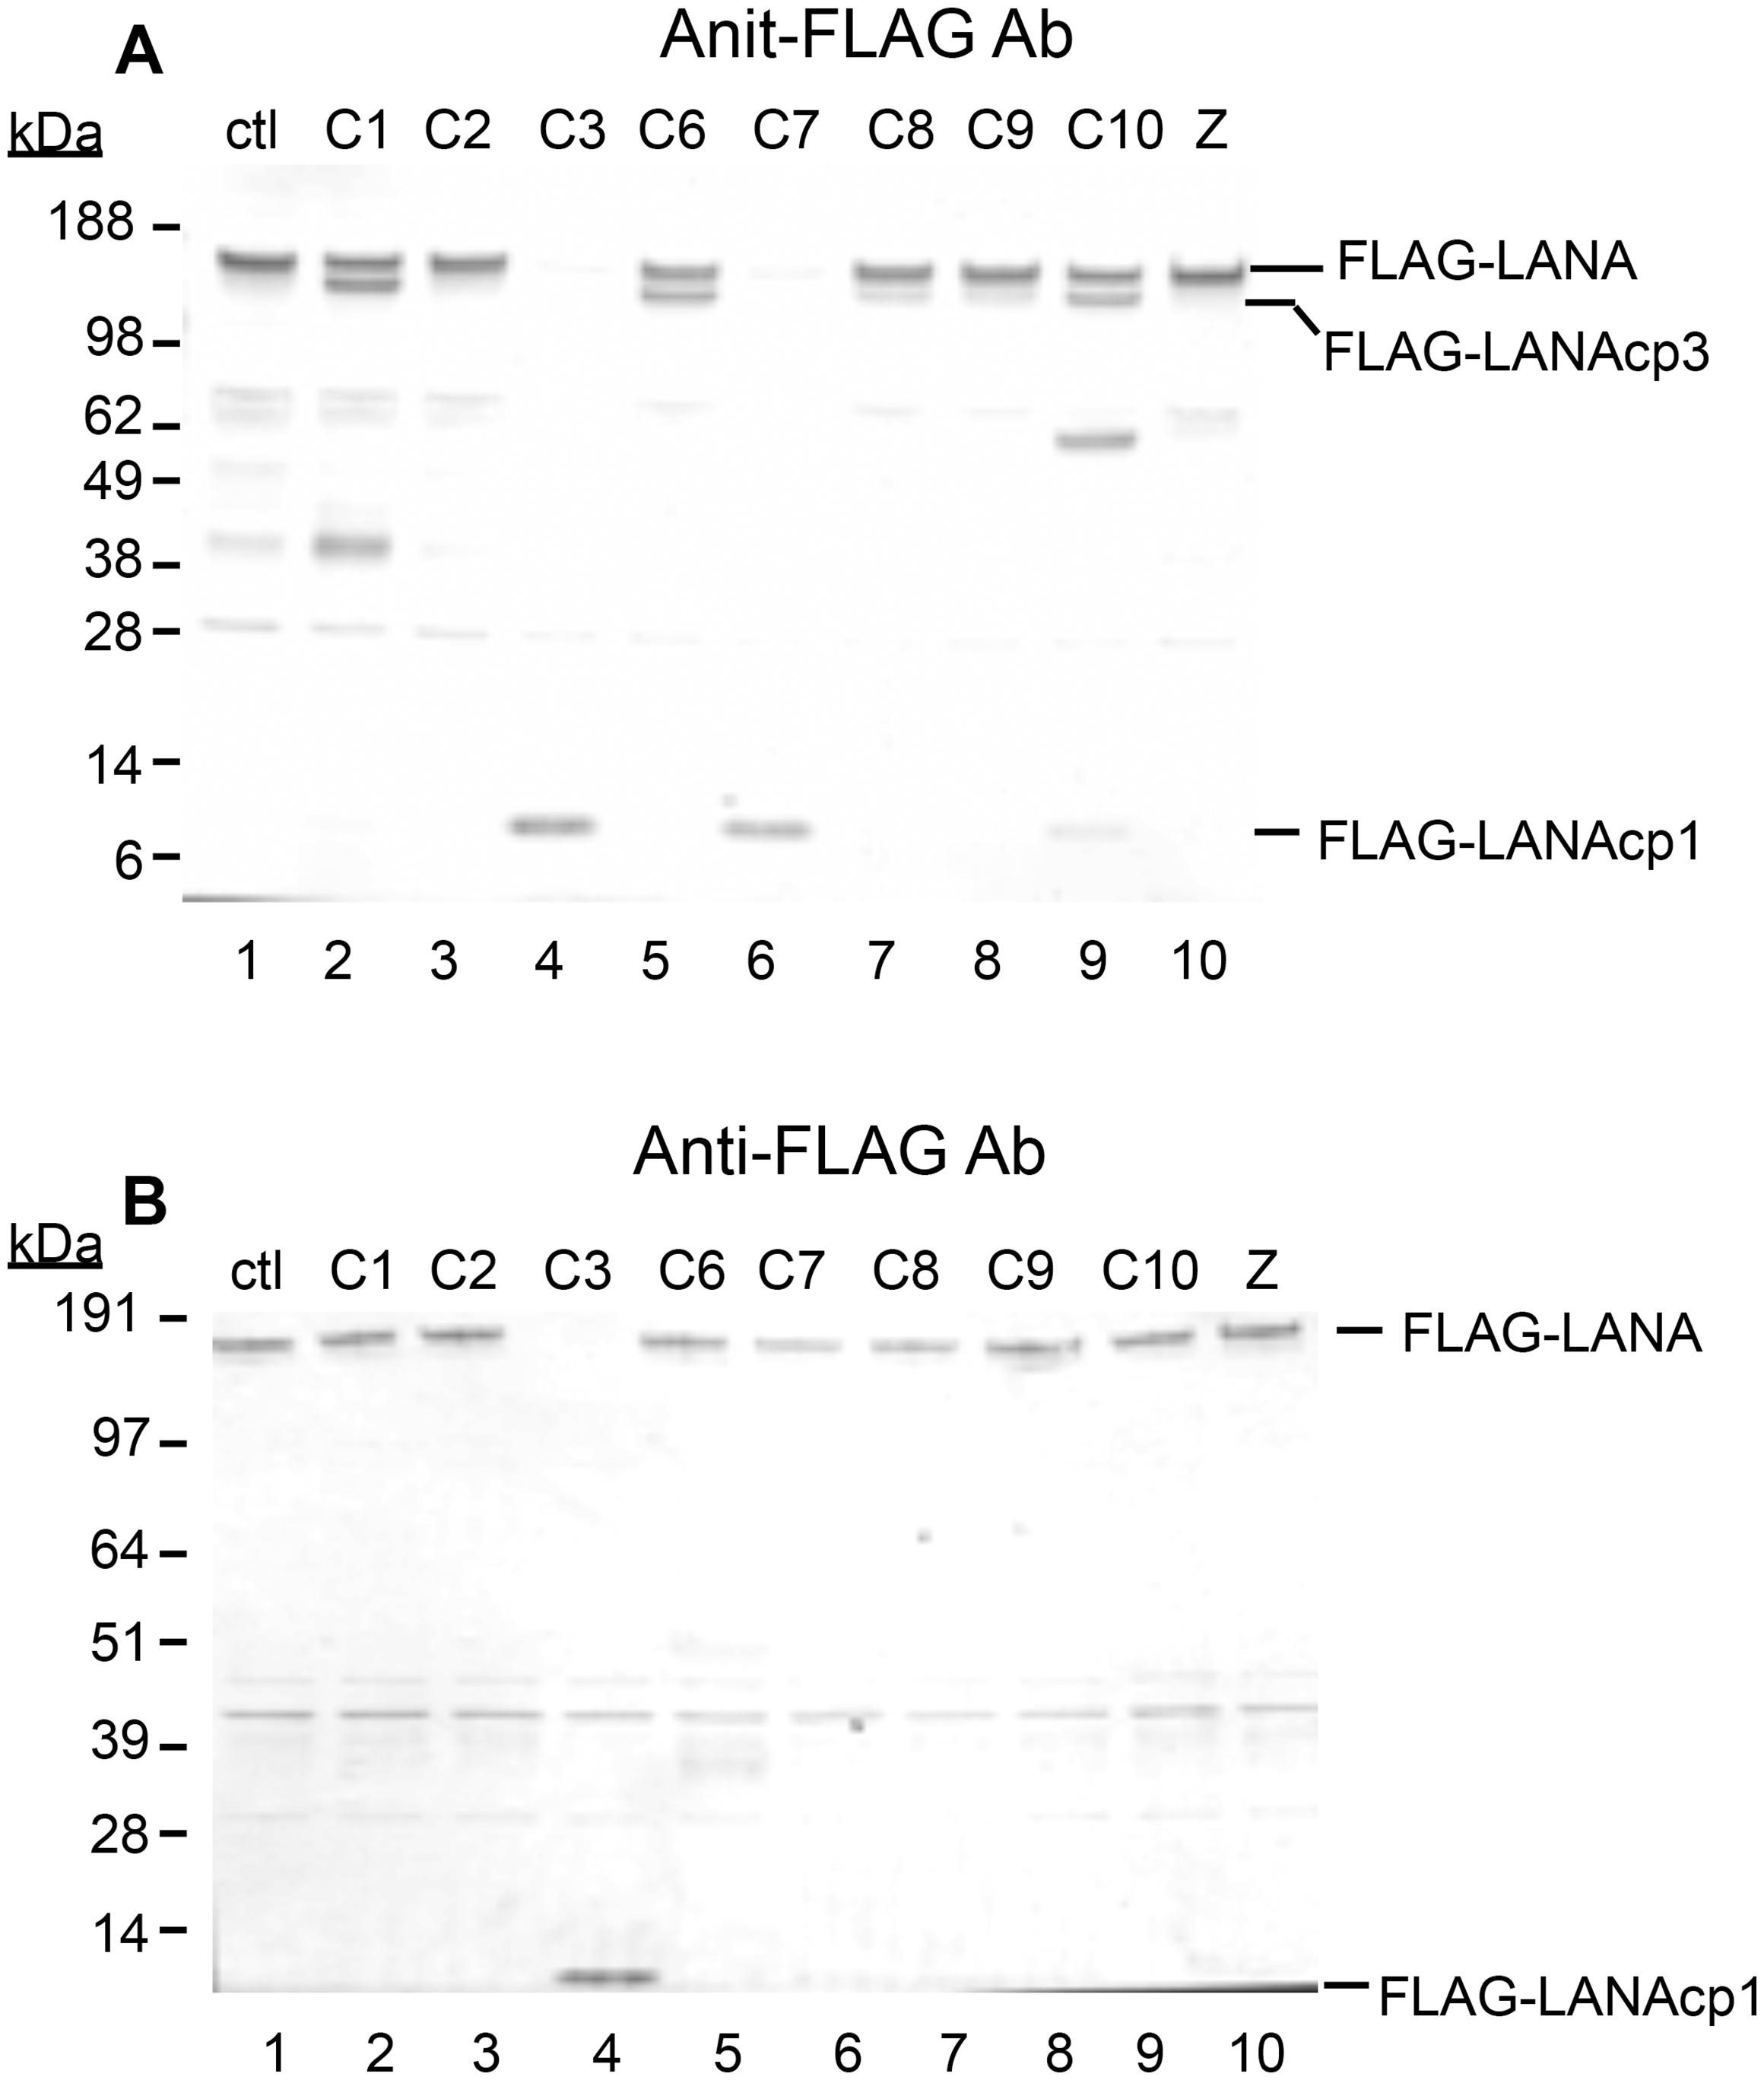 Caspases cleave FLAG-LANA <i>in vitro</i>.